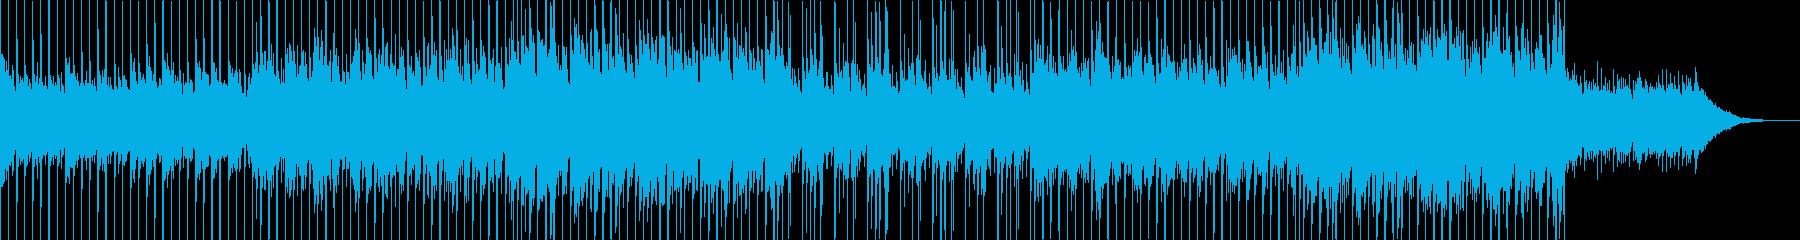 新生活が始まりそうな透明感のある曲の再生済みの波形